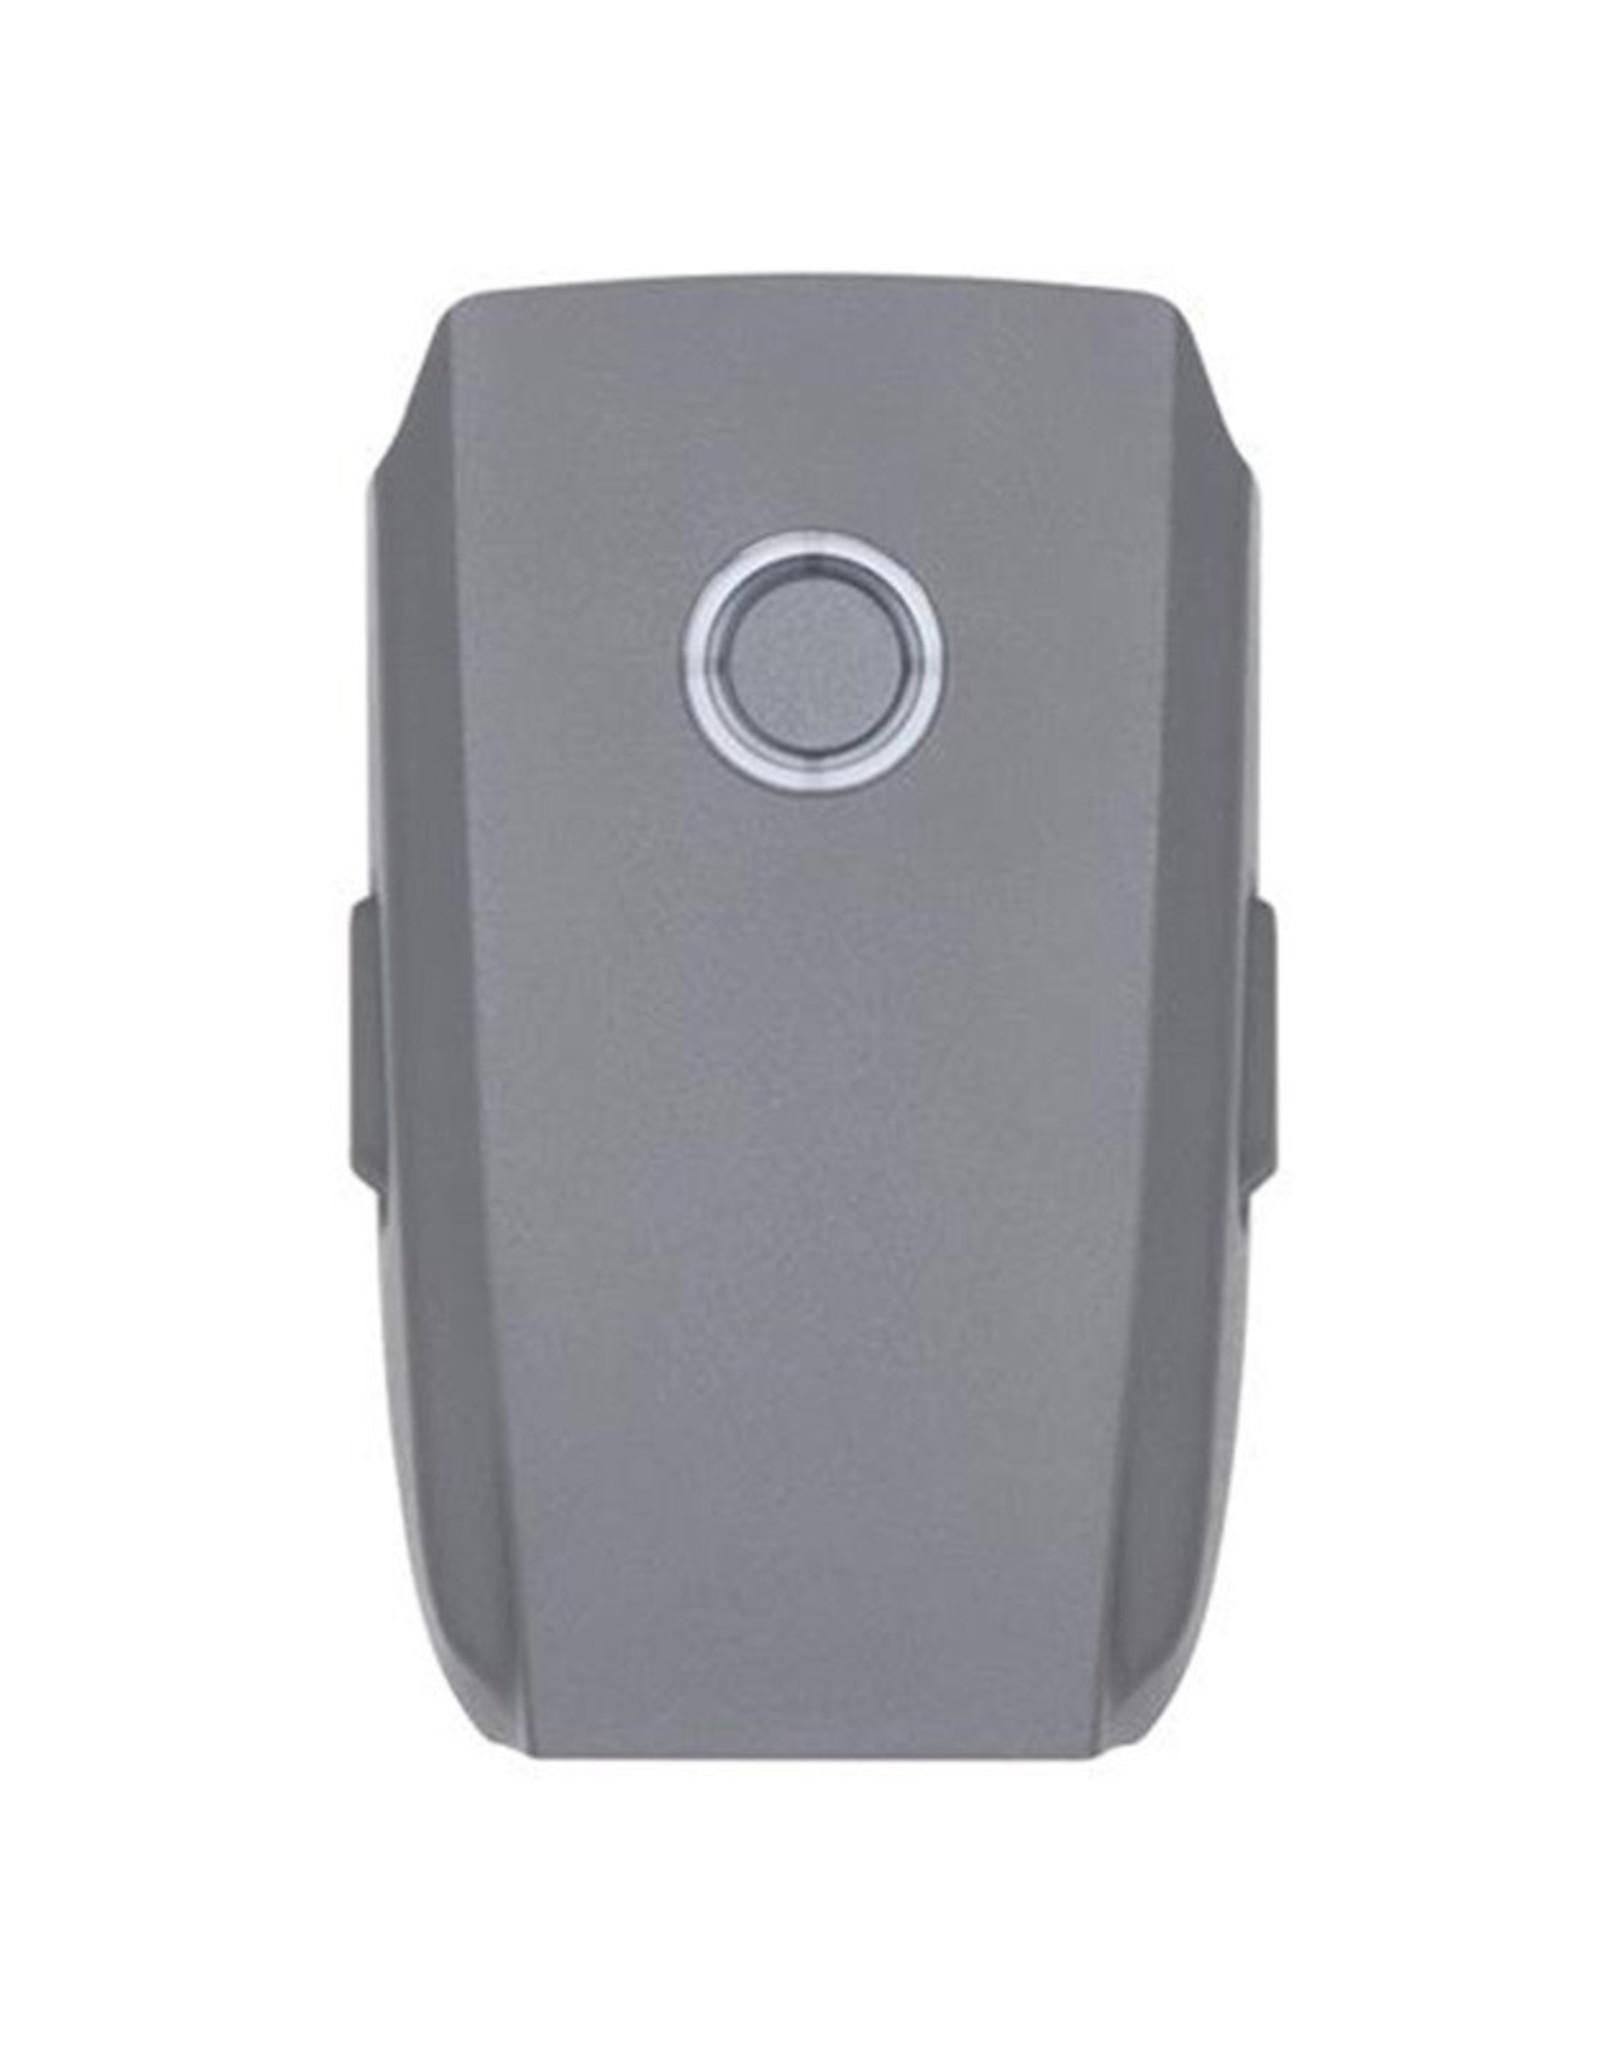 DJI Mavic 2 Enterprise Battery